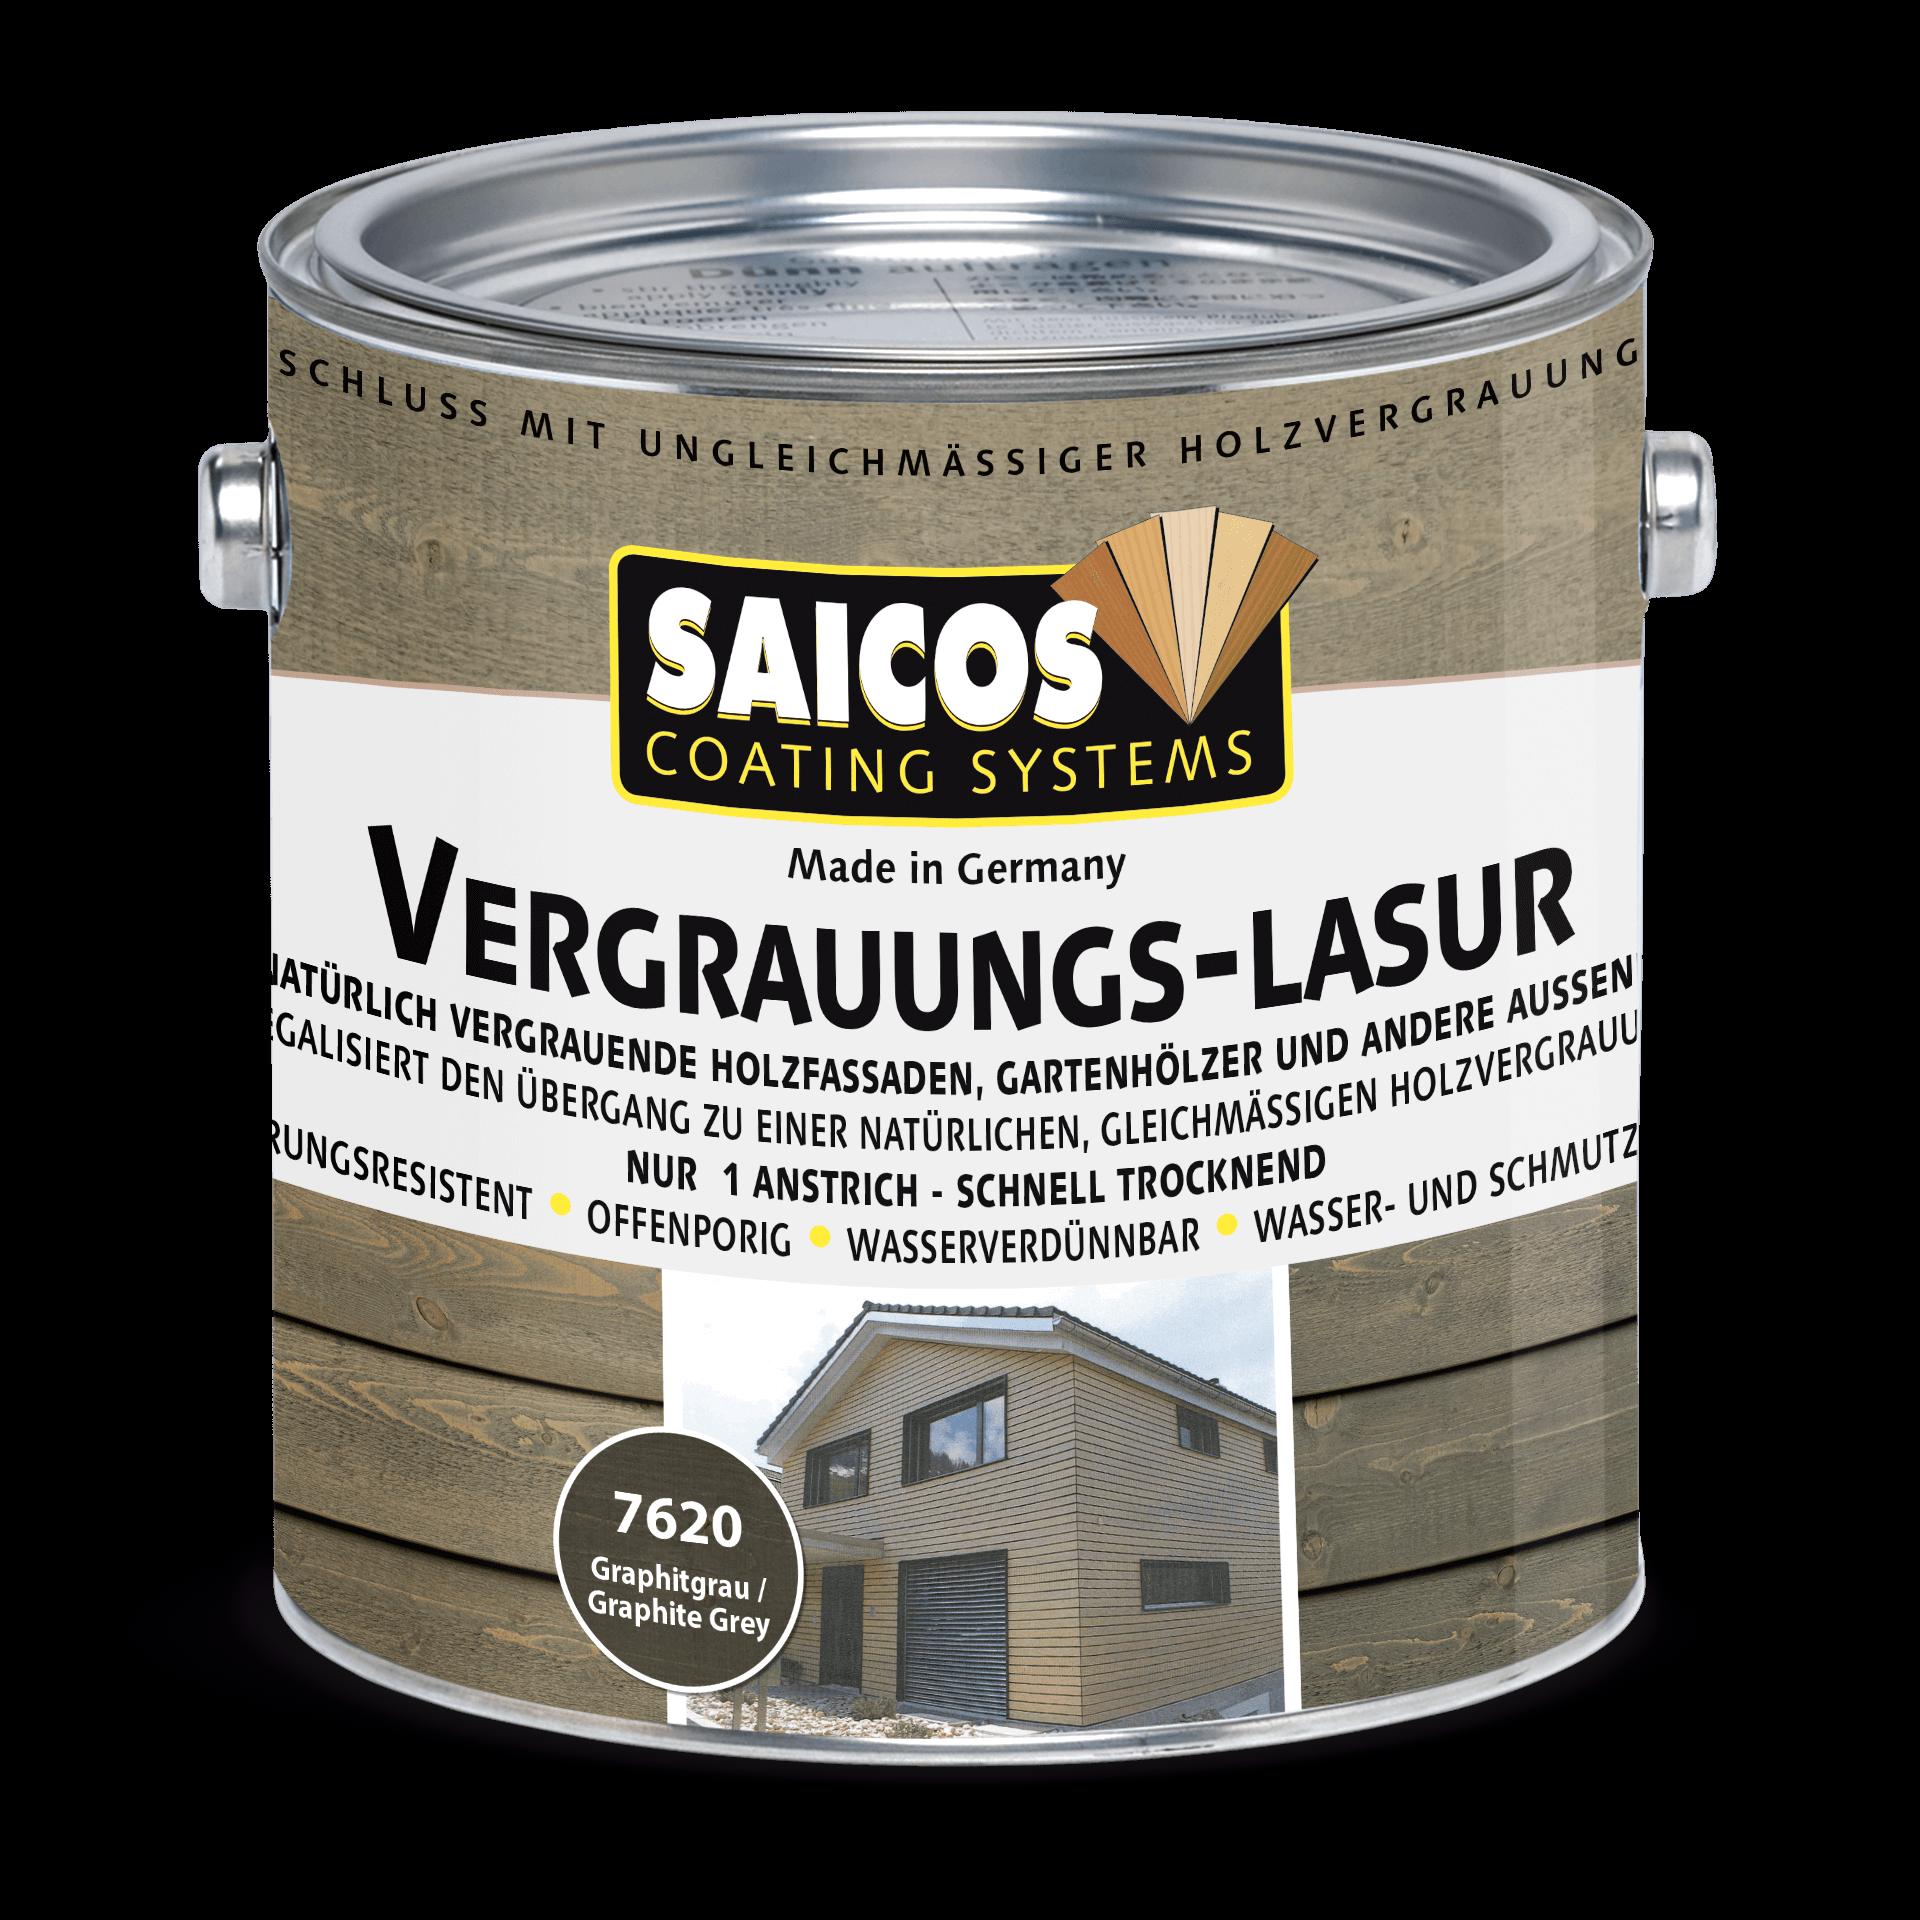 Saicos Vergrauungs-Lasur